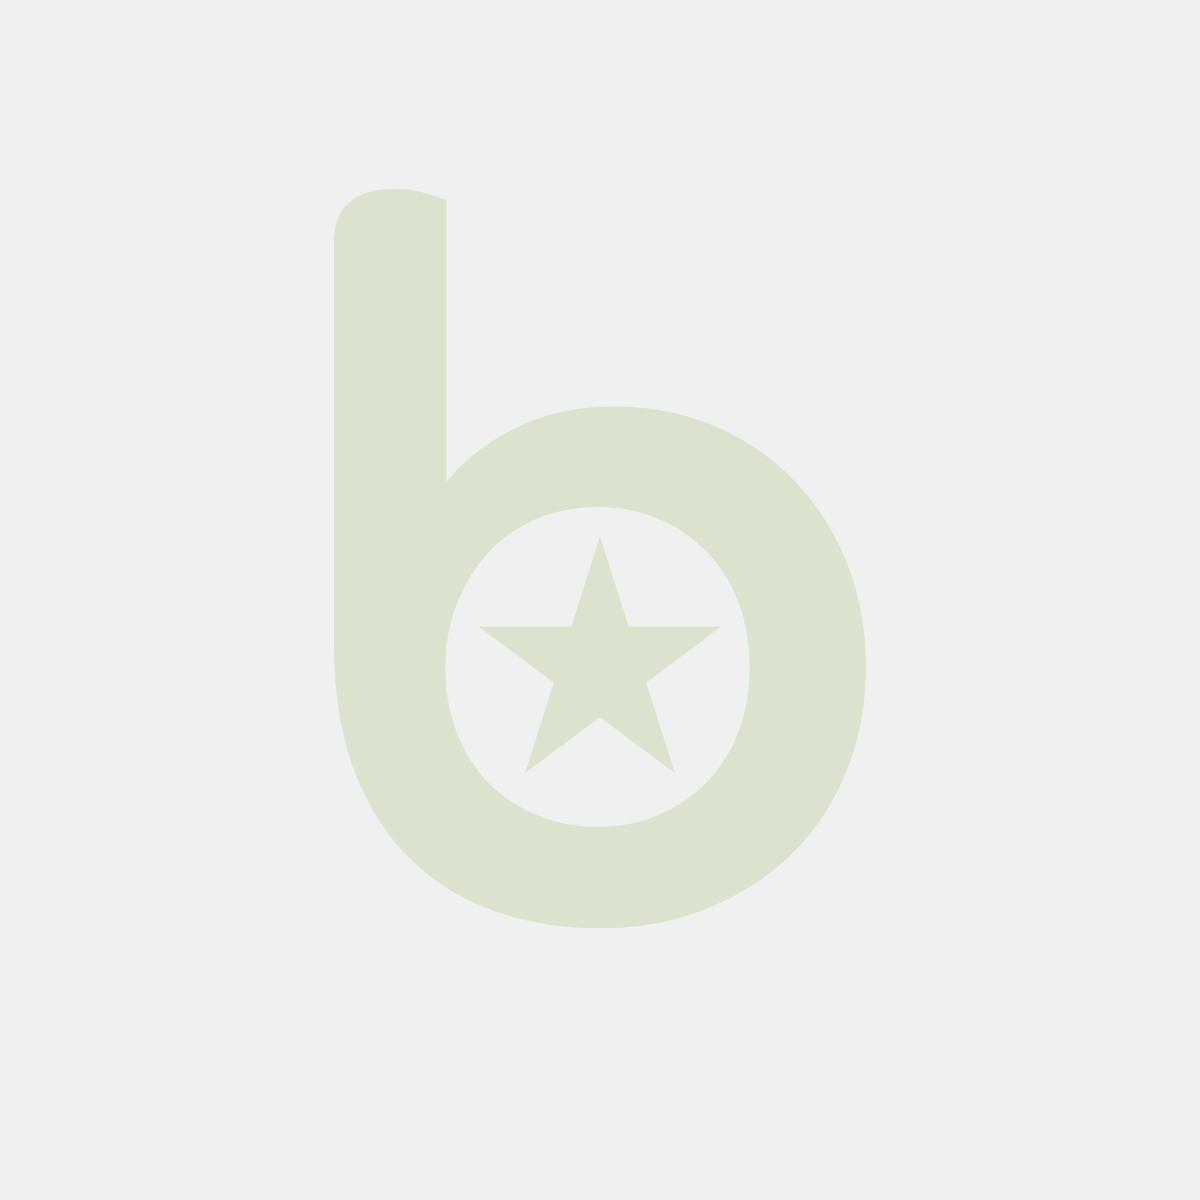 Taca bambusowa 3-komorowa ASIA LINE 43x28x2,4 cm